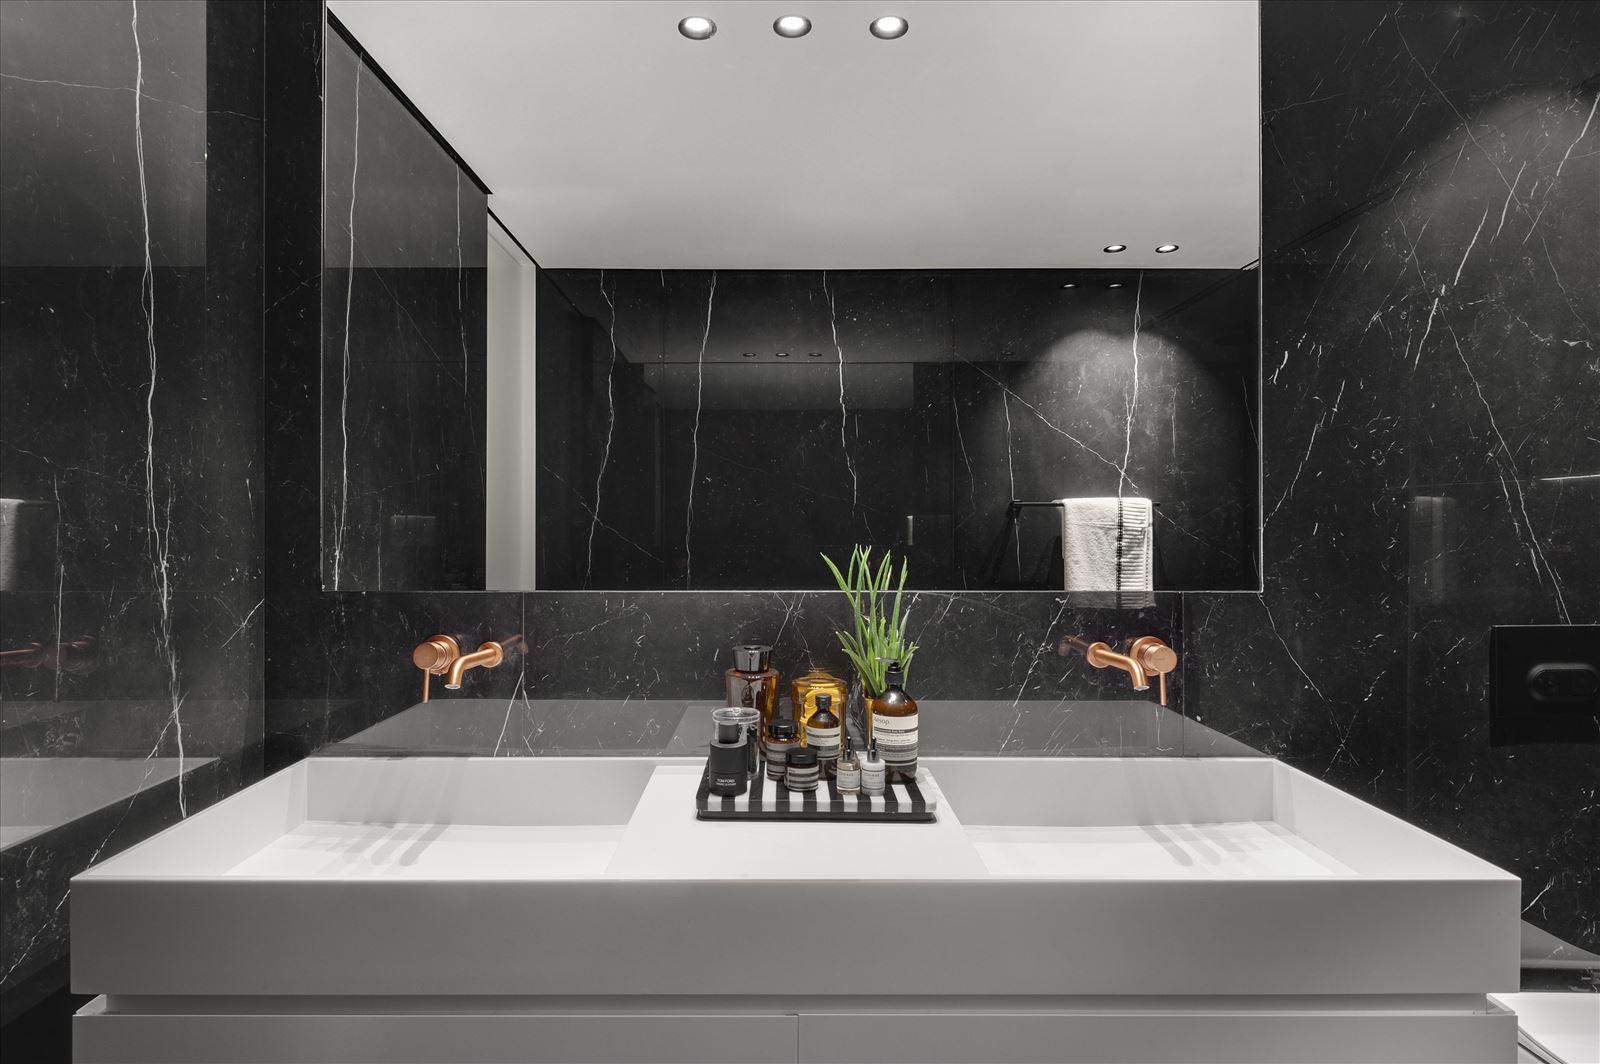 תאורה מעל הכיור באמבטיה - פרויקט Duplex lighting על ידי קמחי תאורה